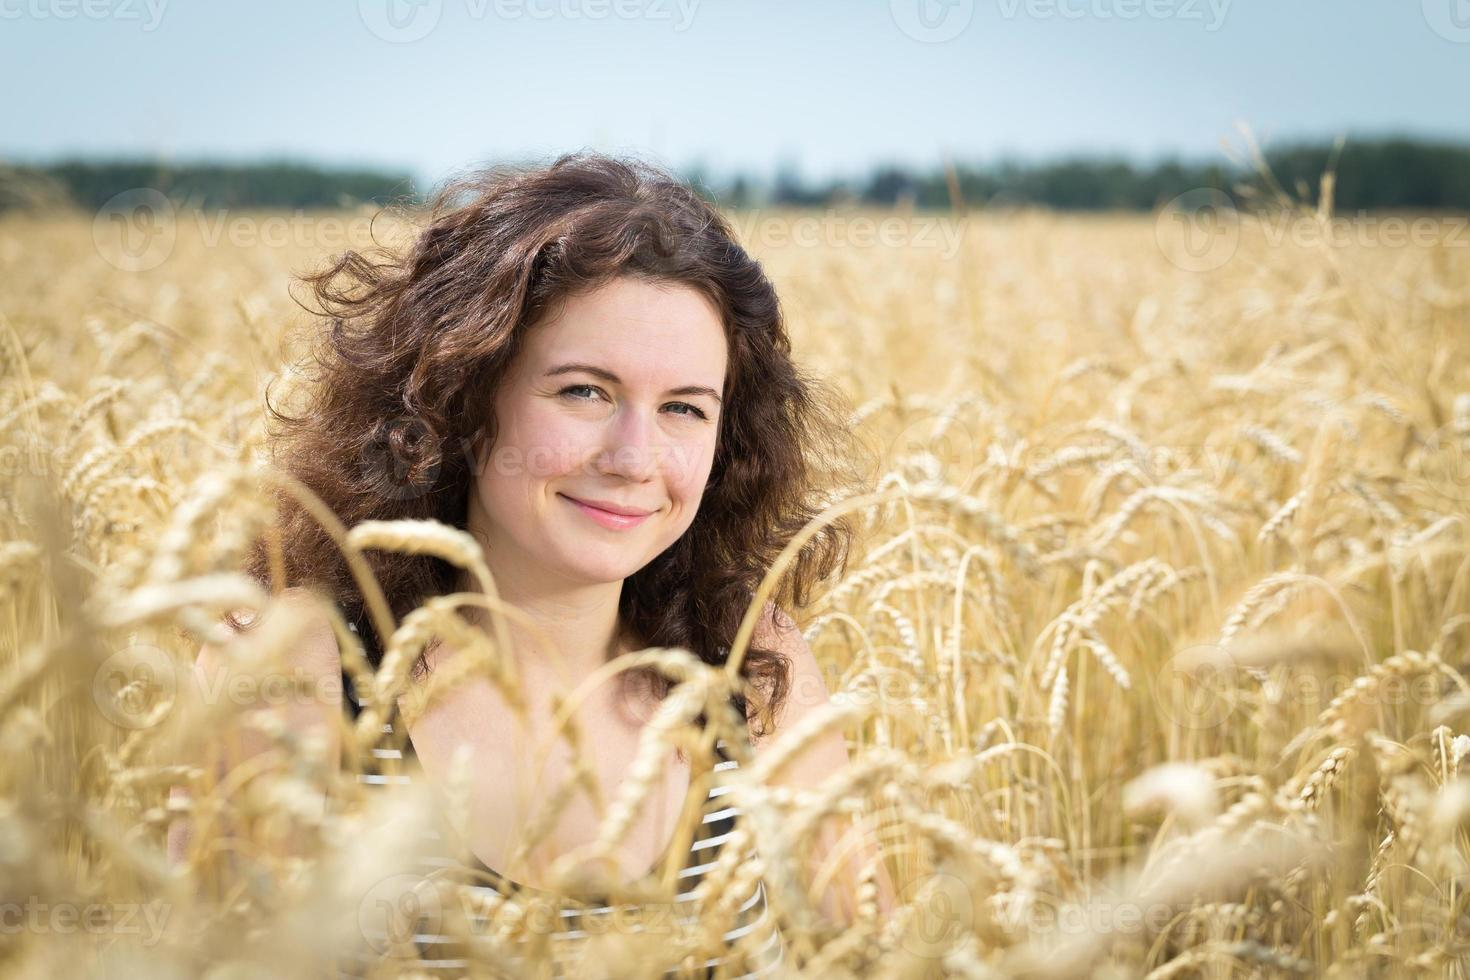 Mädchen im Feld mit Weizen. foto